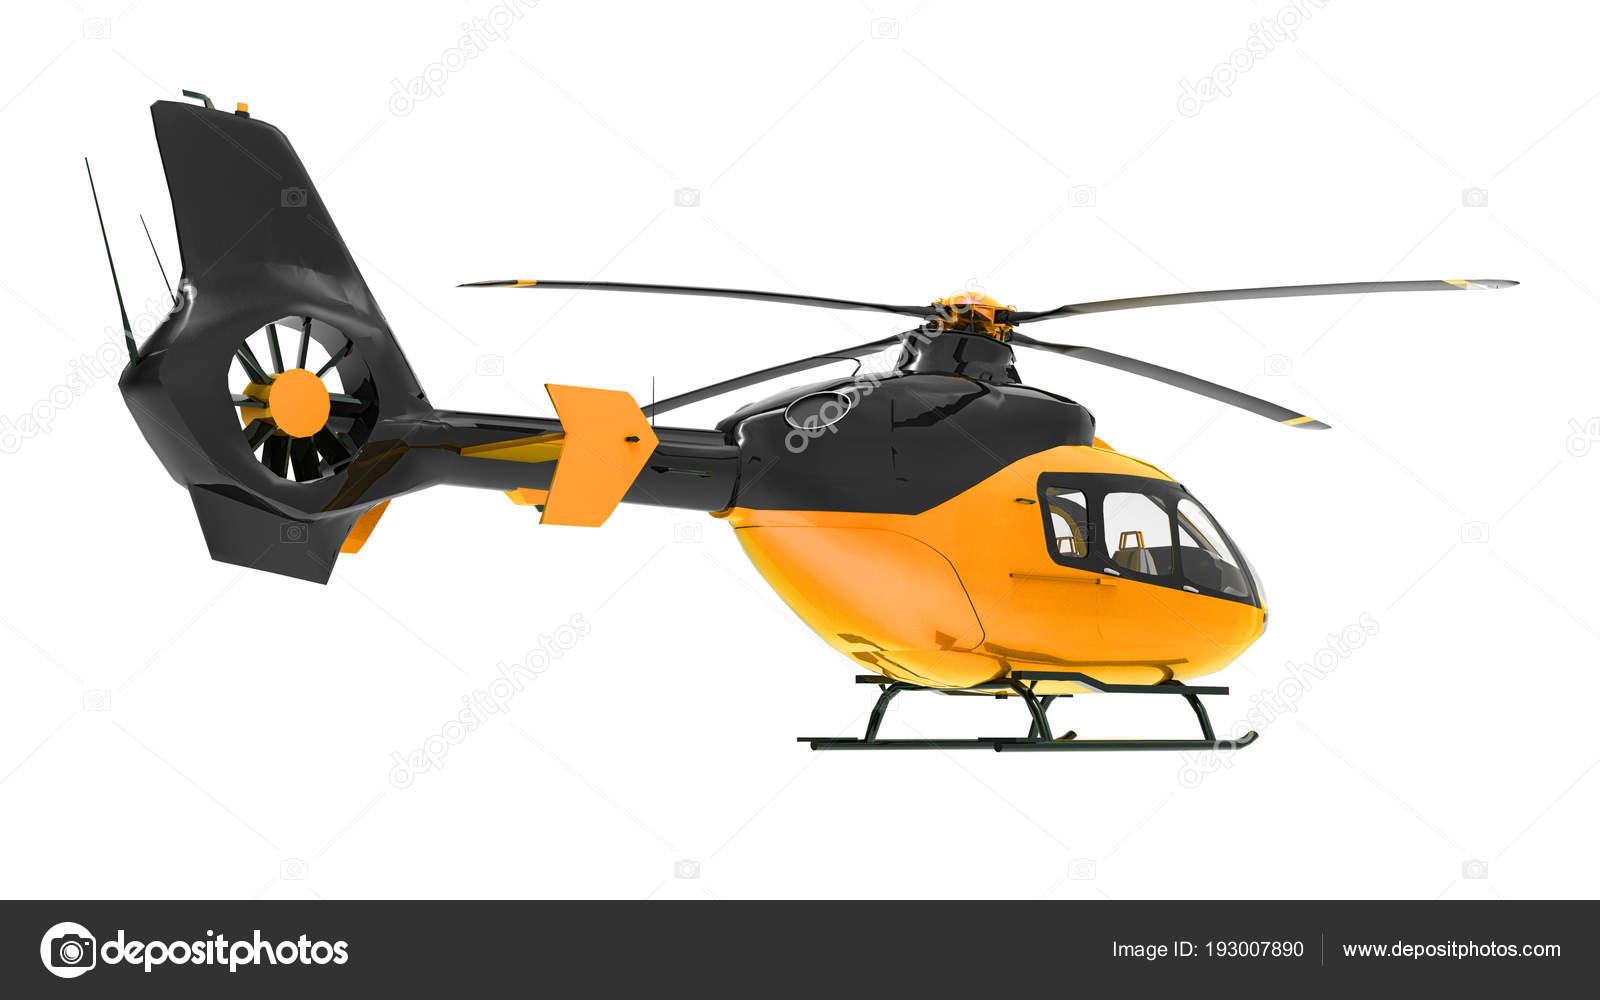 Elicottero 3d Model : Kit costruzioni in legno d elicottero misura cm